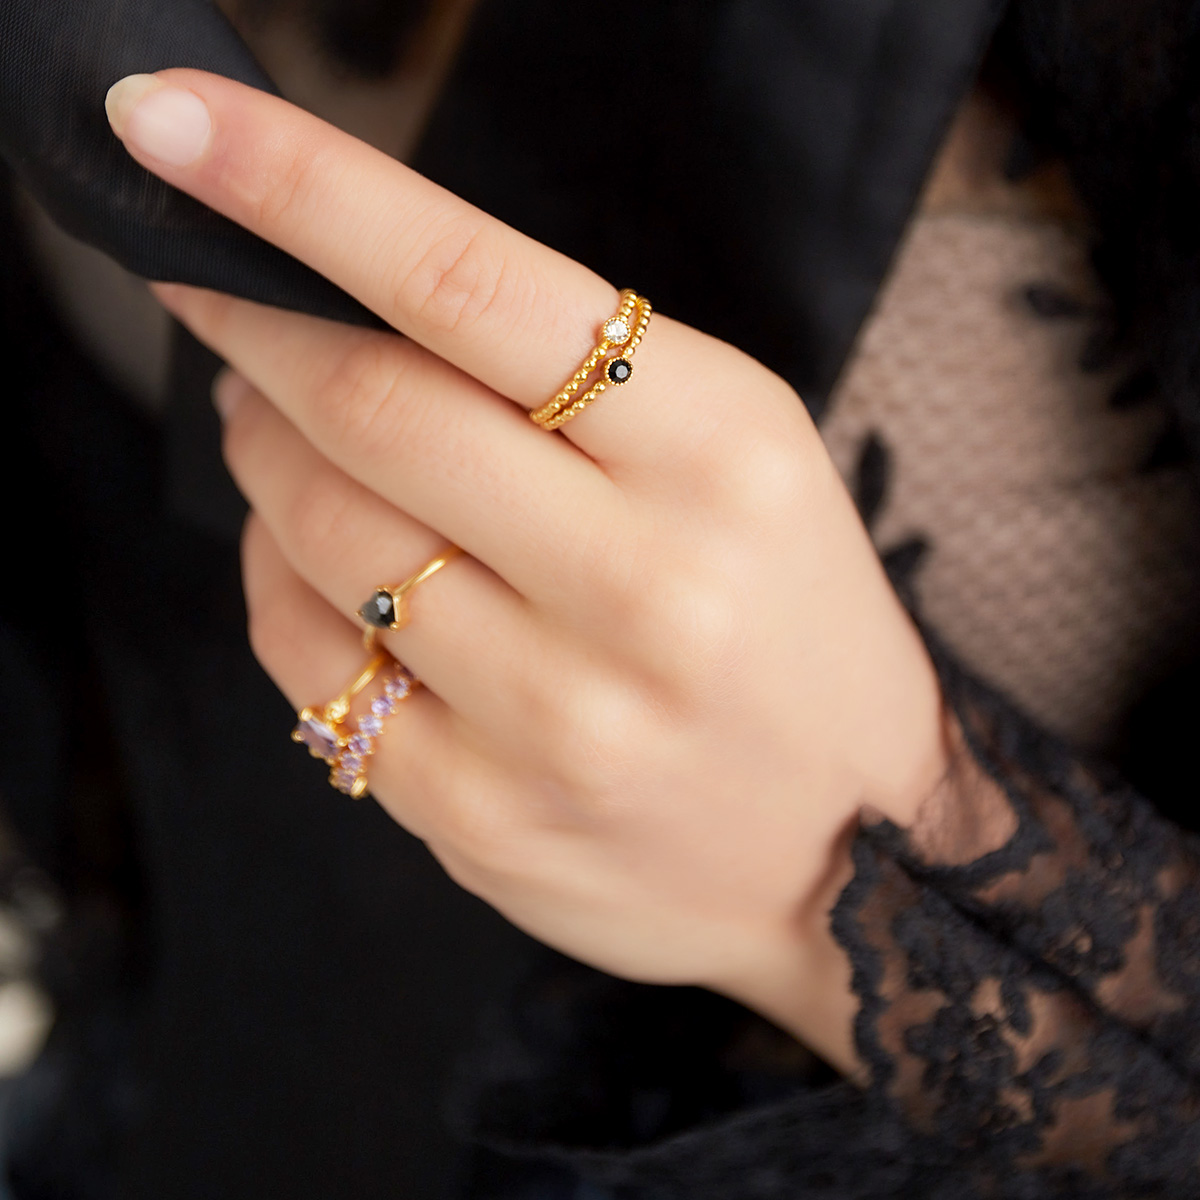 vidani-goud-zilver-ring-steen